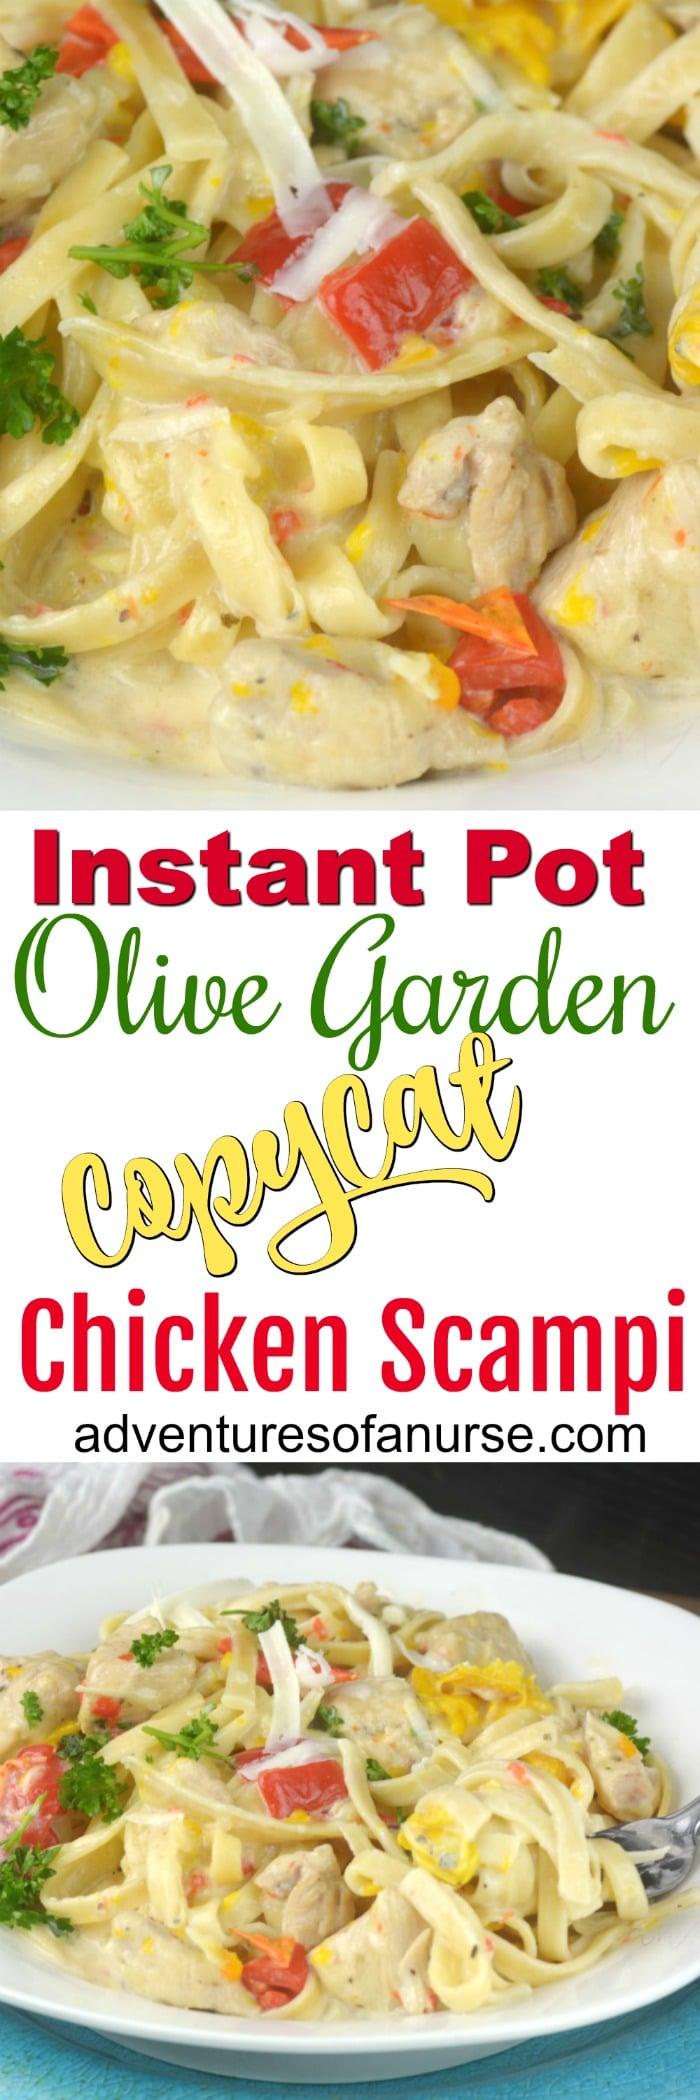 instant pot olive garden chicken scampi - Olive Garden Chicken Scampi Recipe